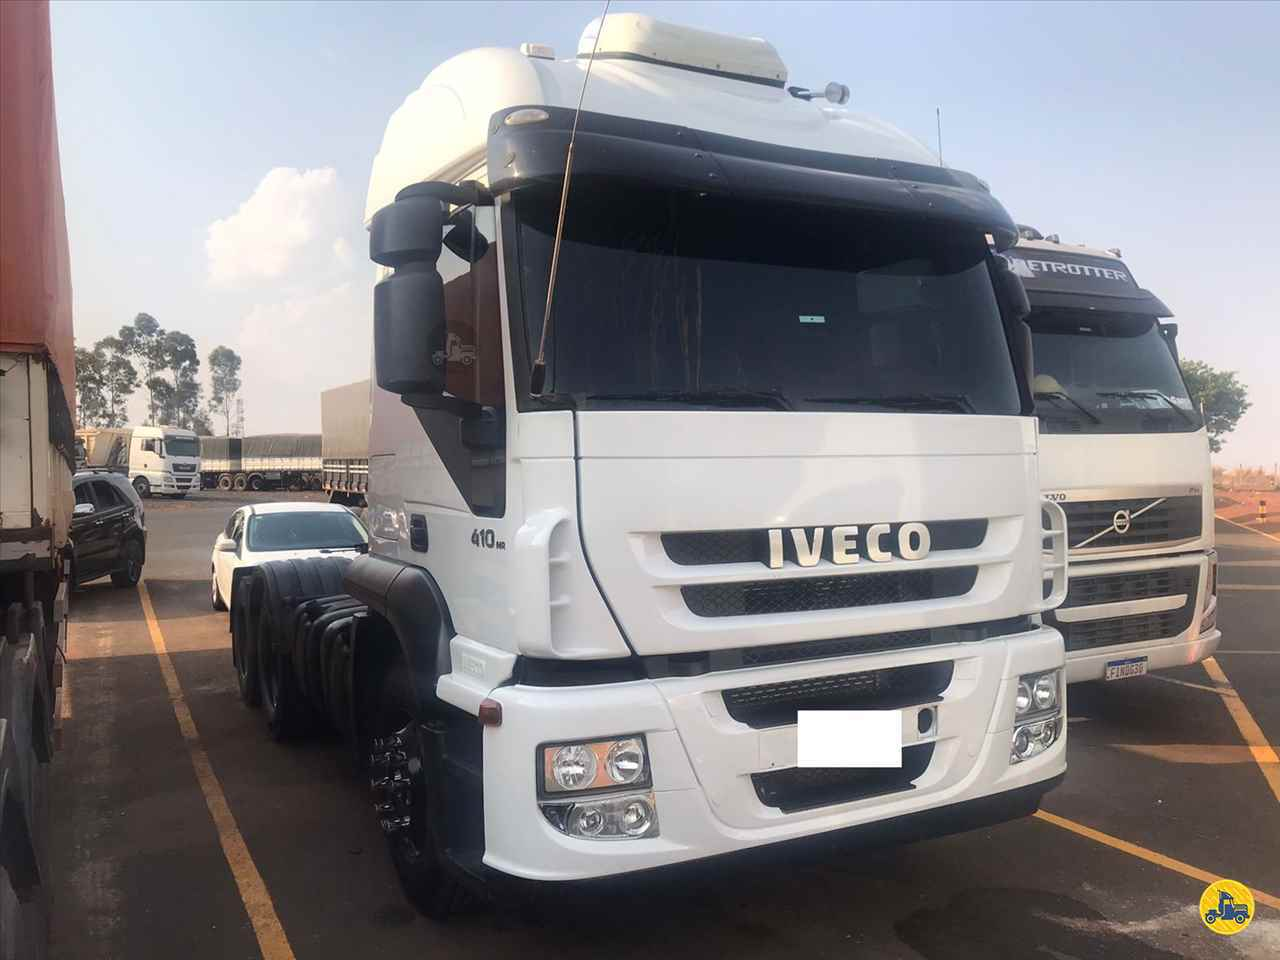 CAMINHAO IVECO STRALIS 410 Cavalo Mecânico Truck 6x2 RB Caminhões & Financiamentos ARAGUARI MINAS GERAIS MG